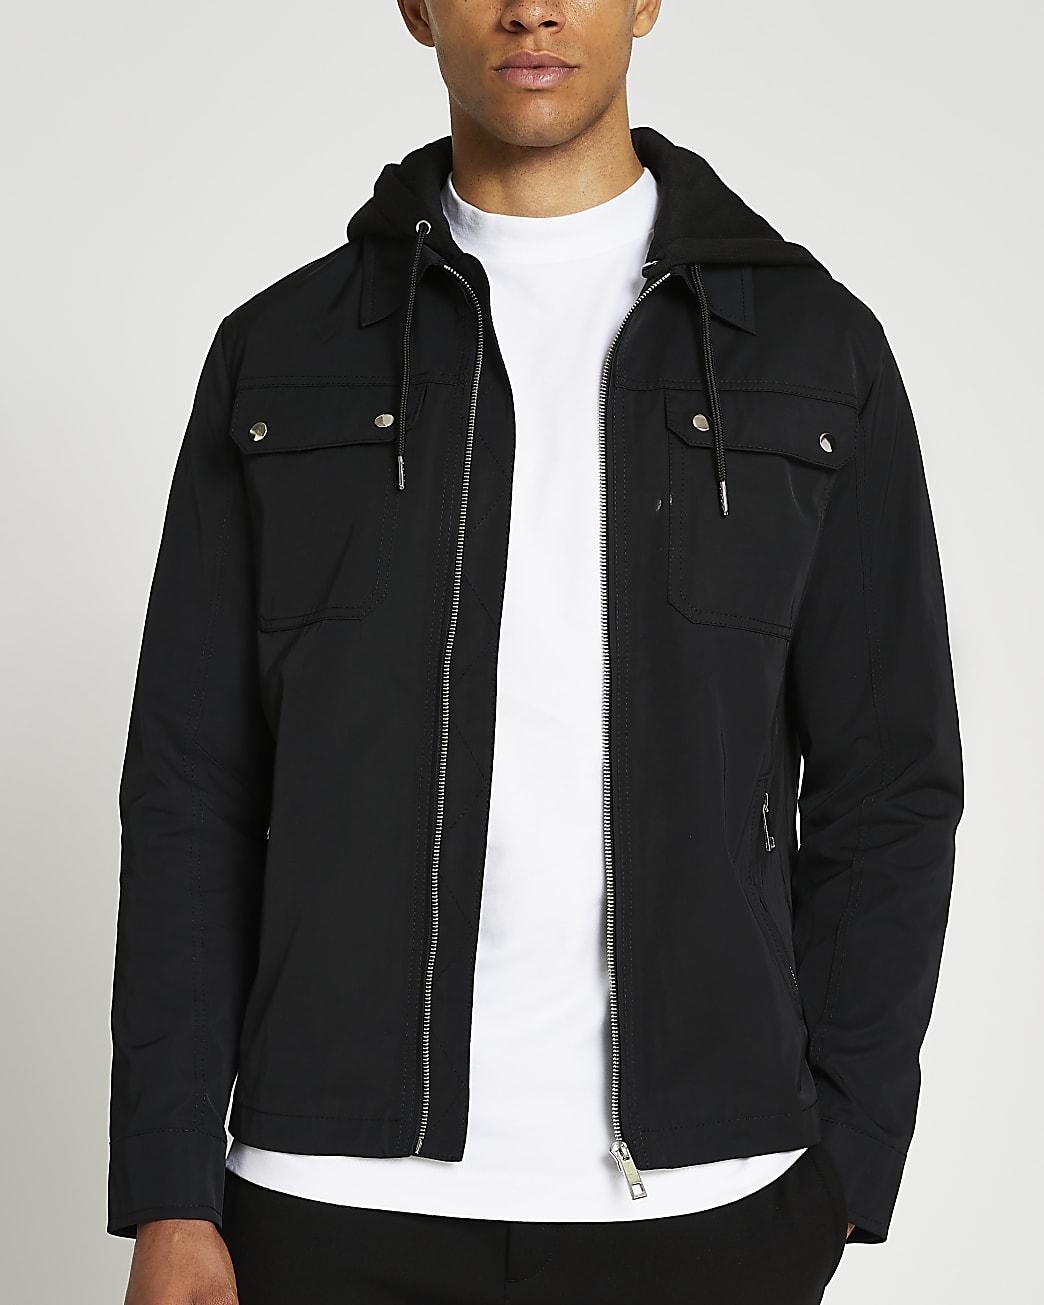 Black hooded zip up jacket